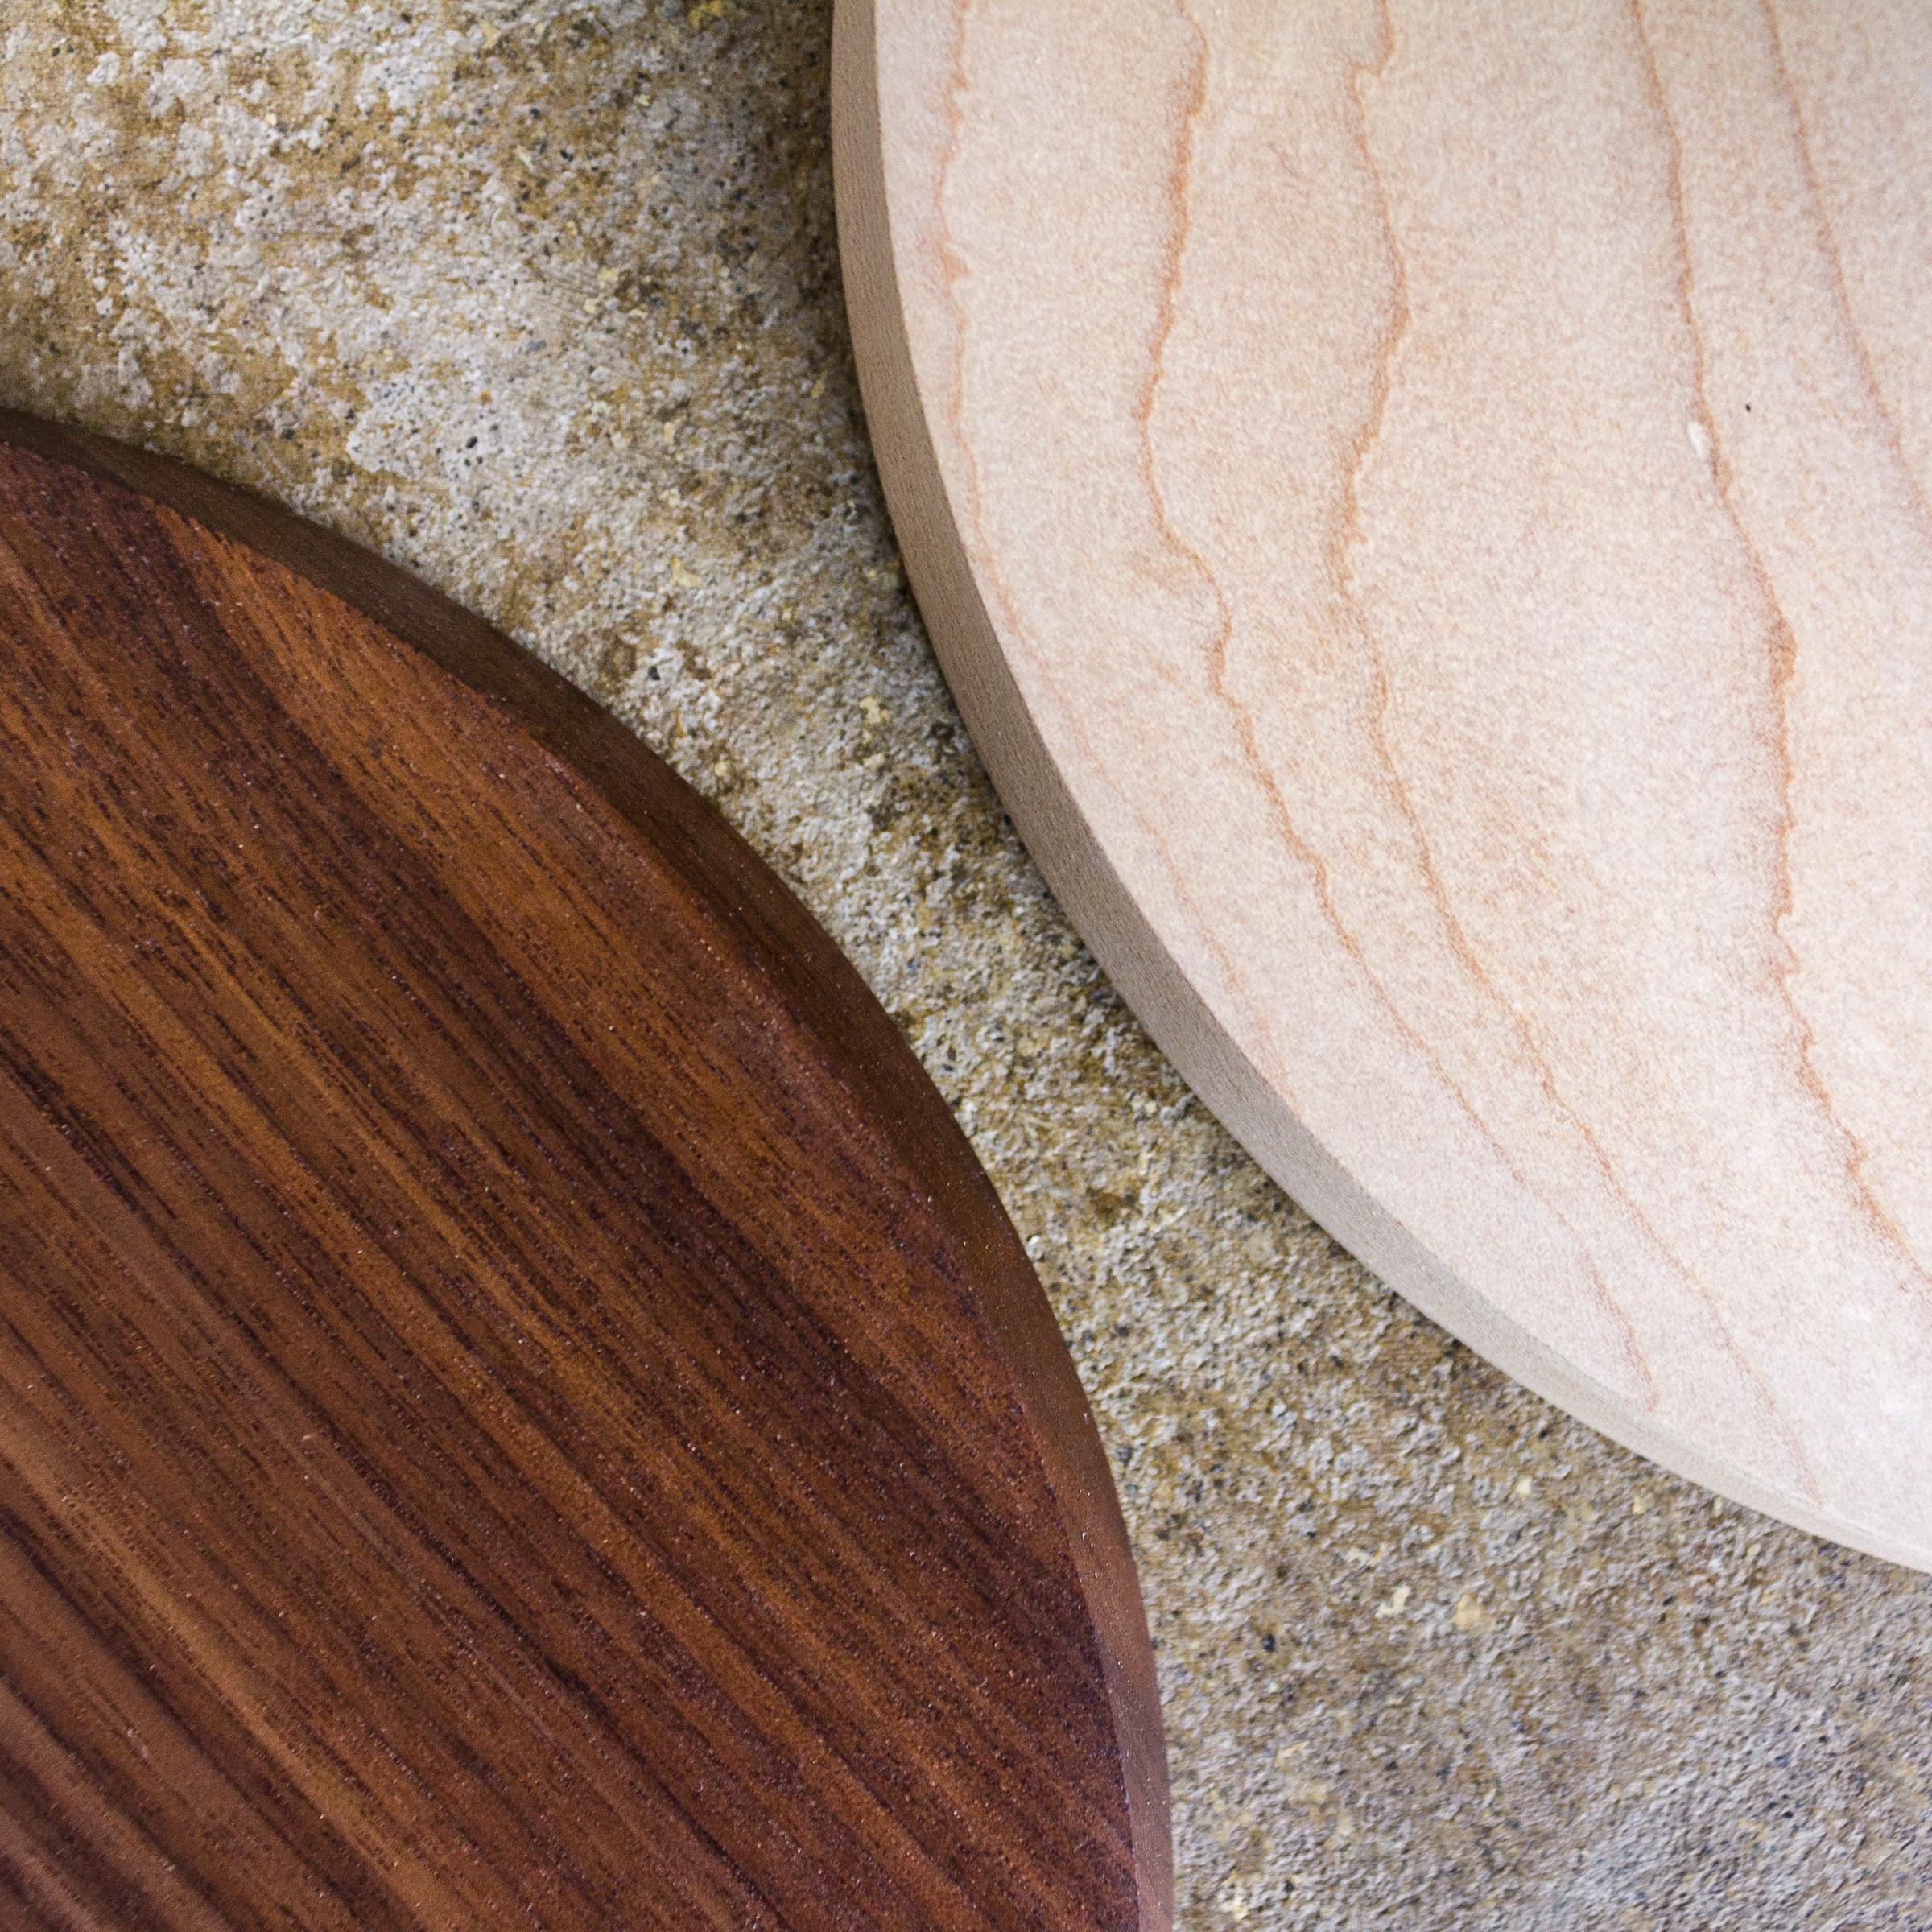 Available wood finishes: Maple, Walnut